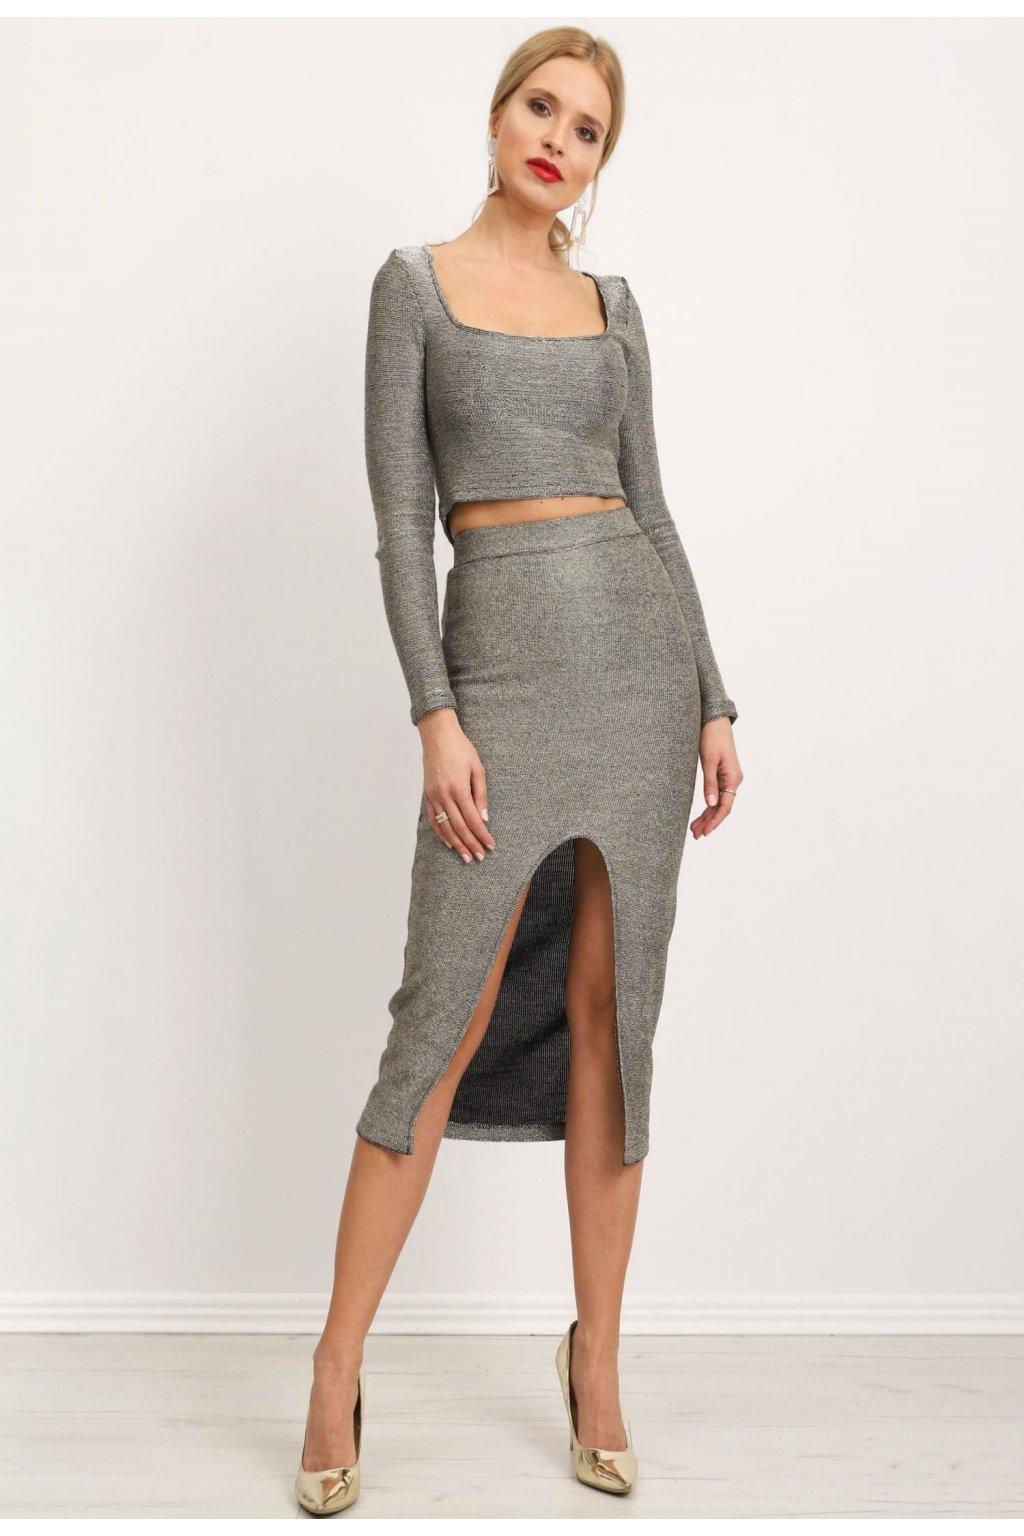 Stříbrná dámská pouzdrová sukně